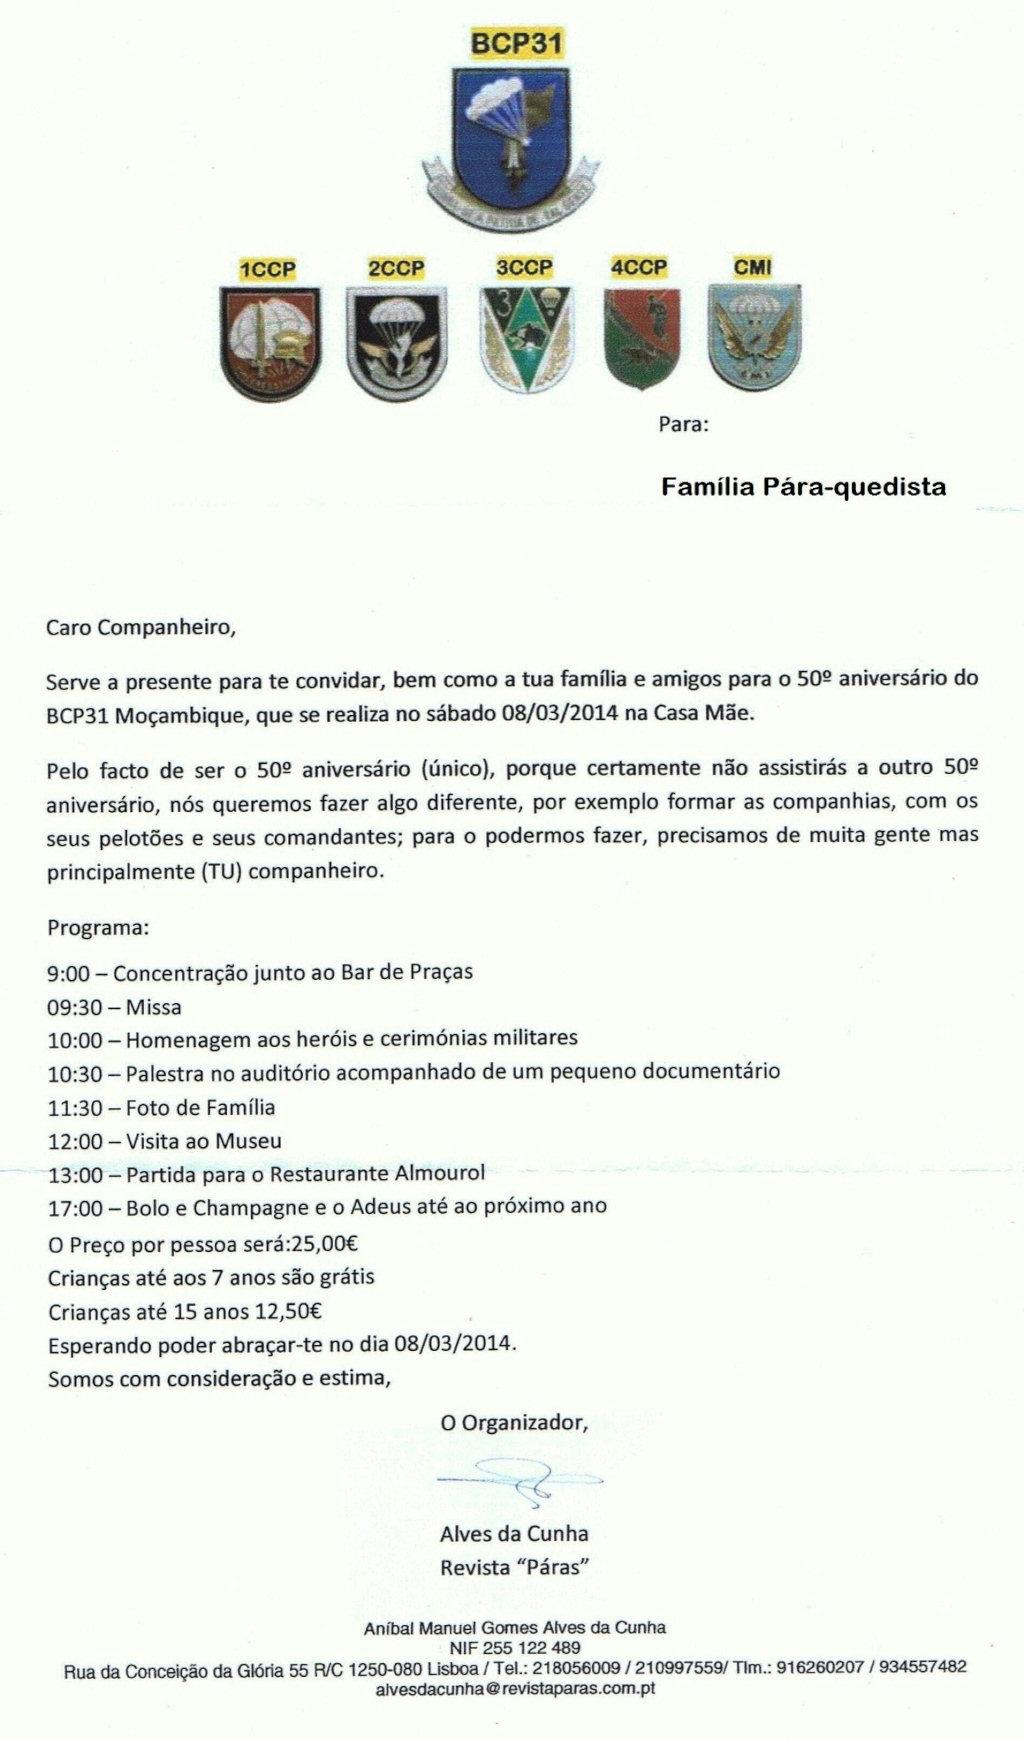 50.º Aniversário do Batalhão de Caçadores Pára-Quedistas 31 - Moçambique - 08Mar2014 Bcp3110